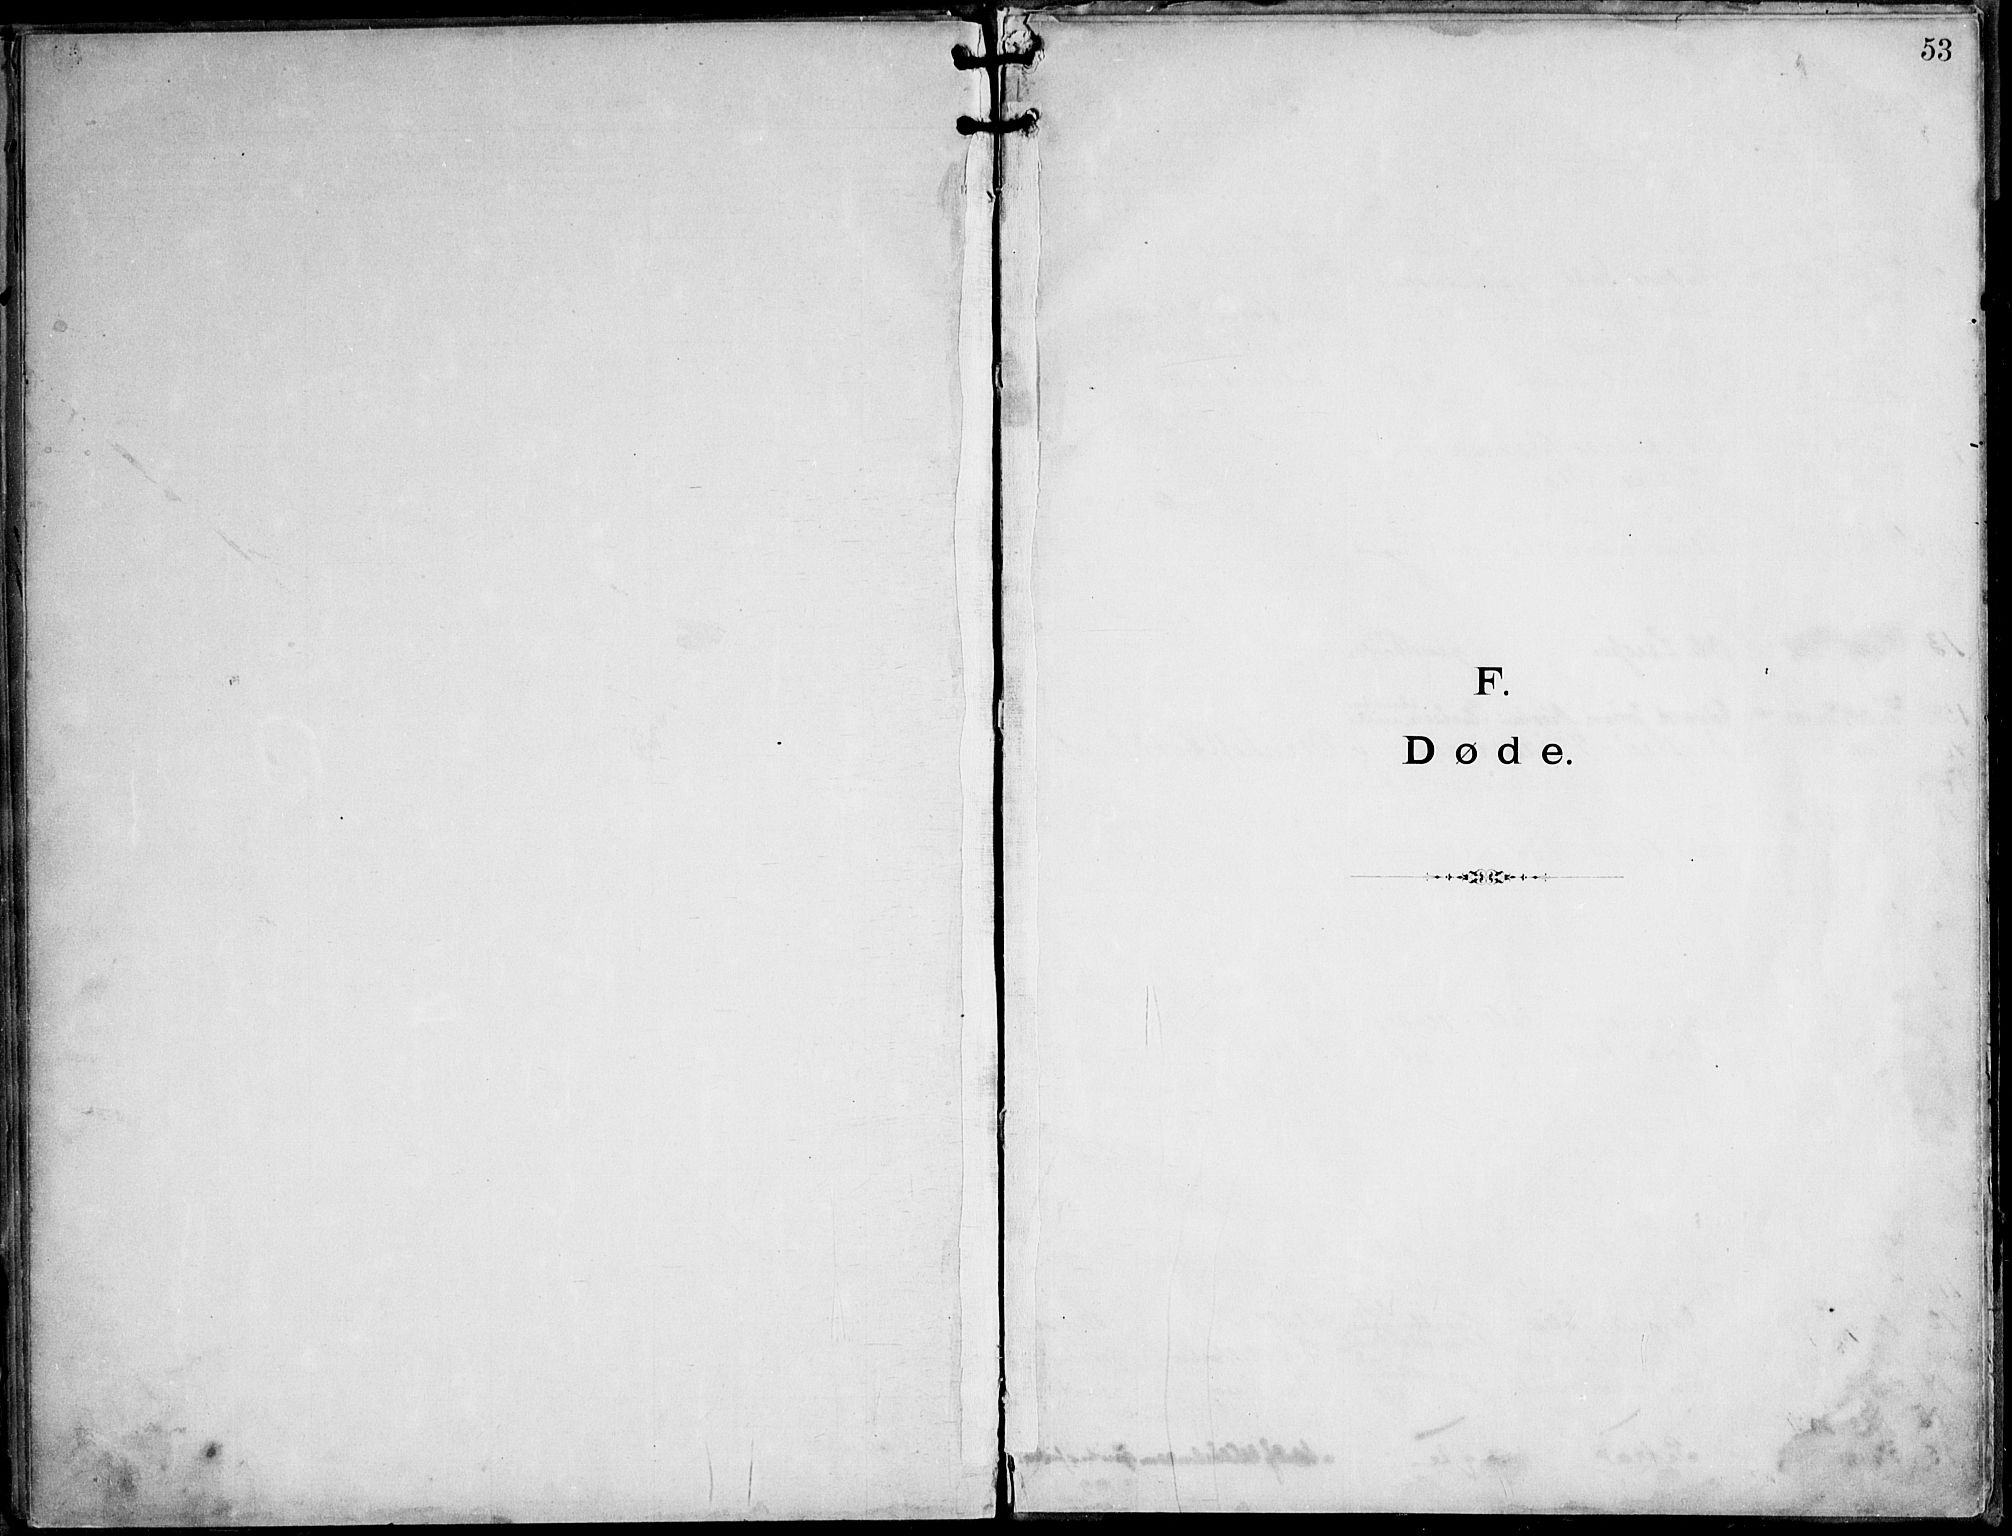 SAT, Ministerialprotokoller, klokkerbøker og fødselsregistre - Nordland, 888/L1276: Dissenterprotokoll nr. 888D03, 1893-1944, s. 53